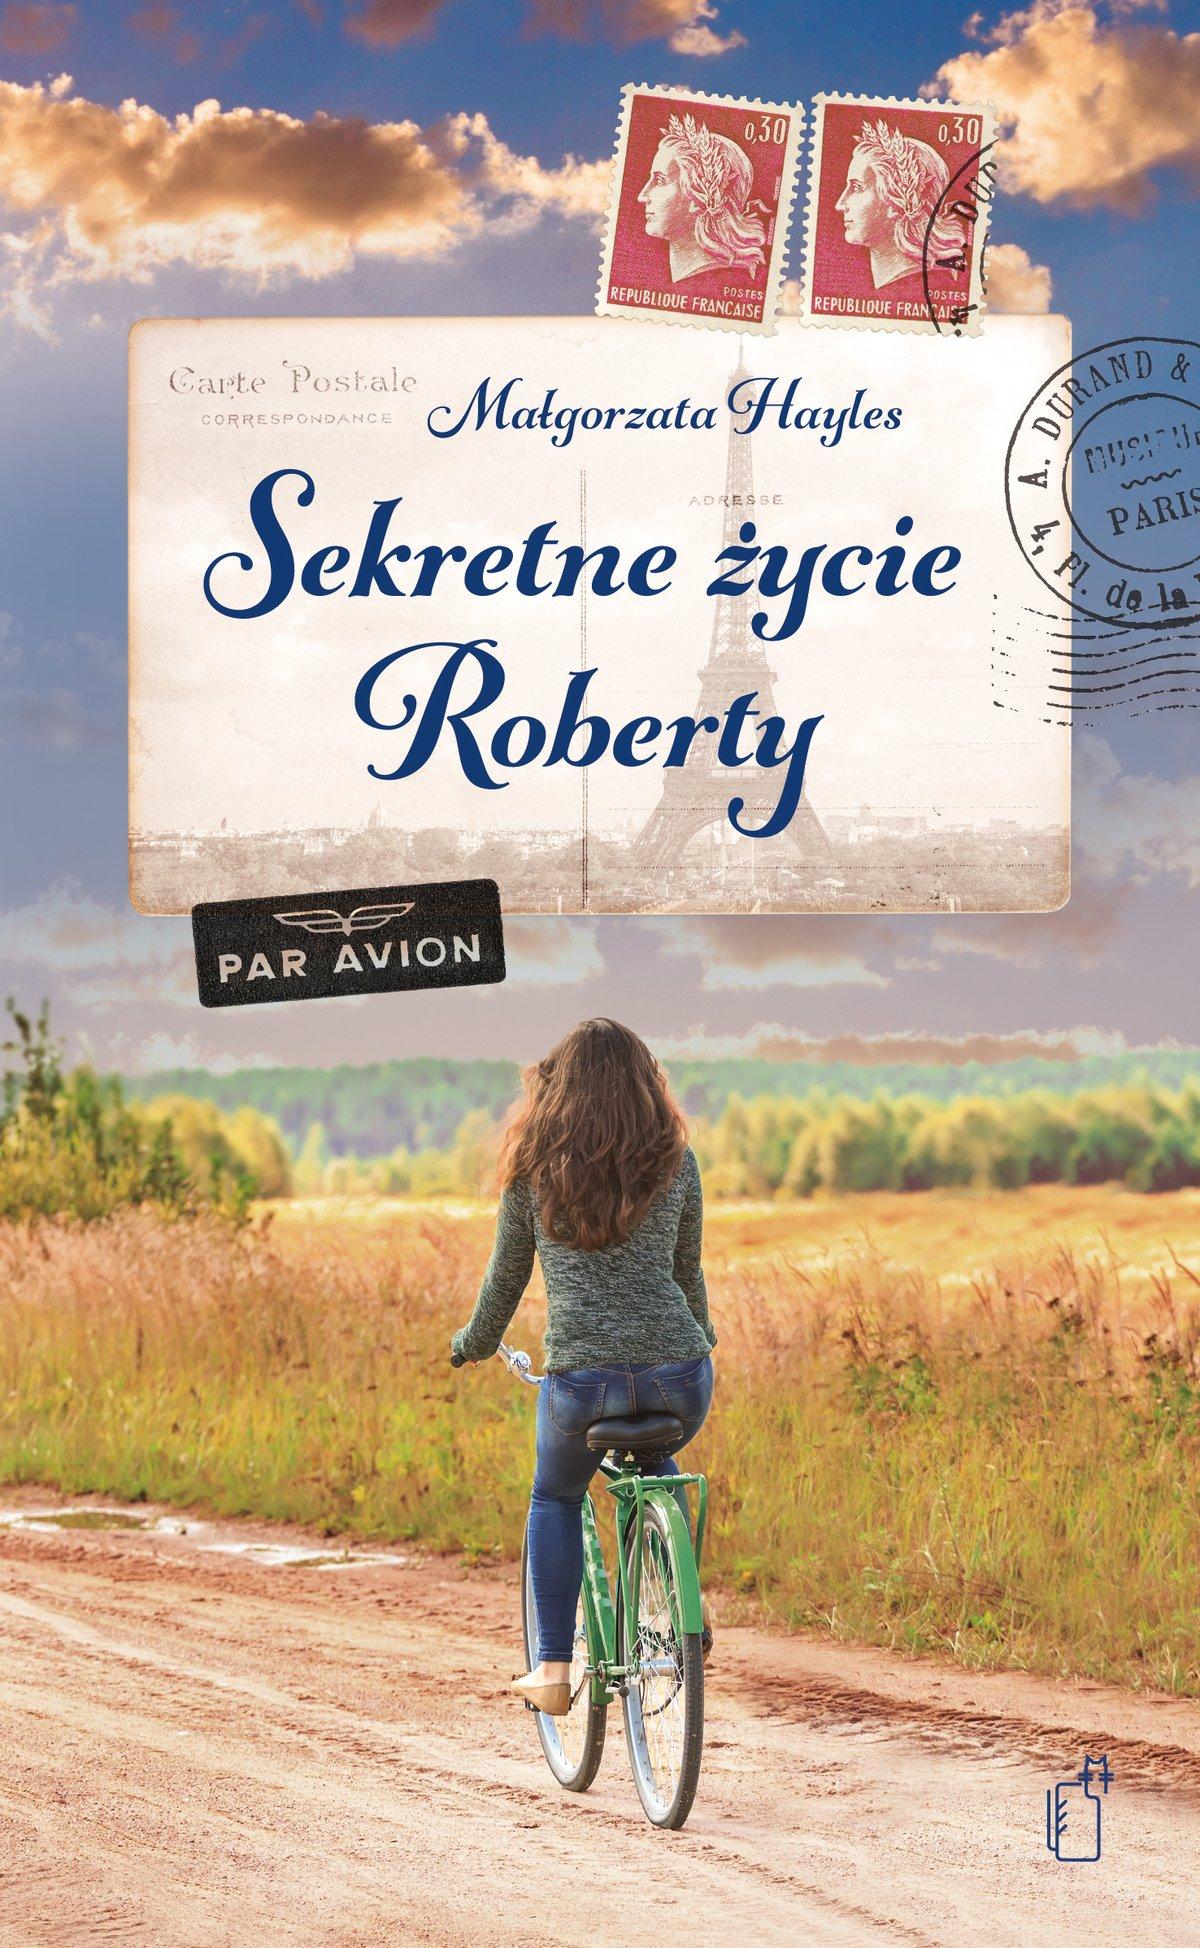 Sekretne życie Roberty - Ebook (Książka na Kindle) do pobrania w formacie MOBI